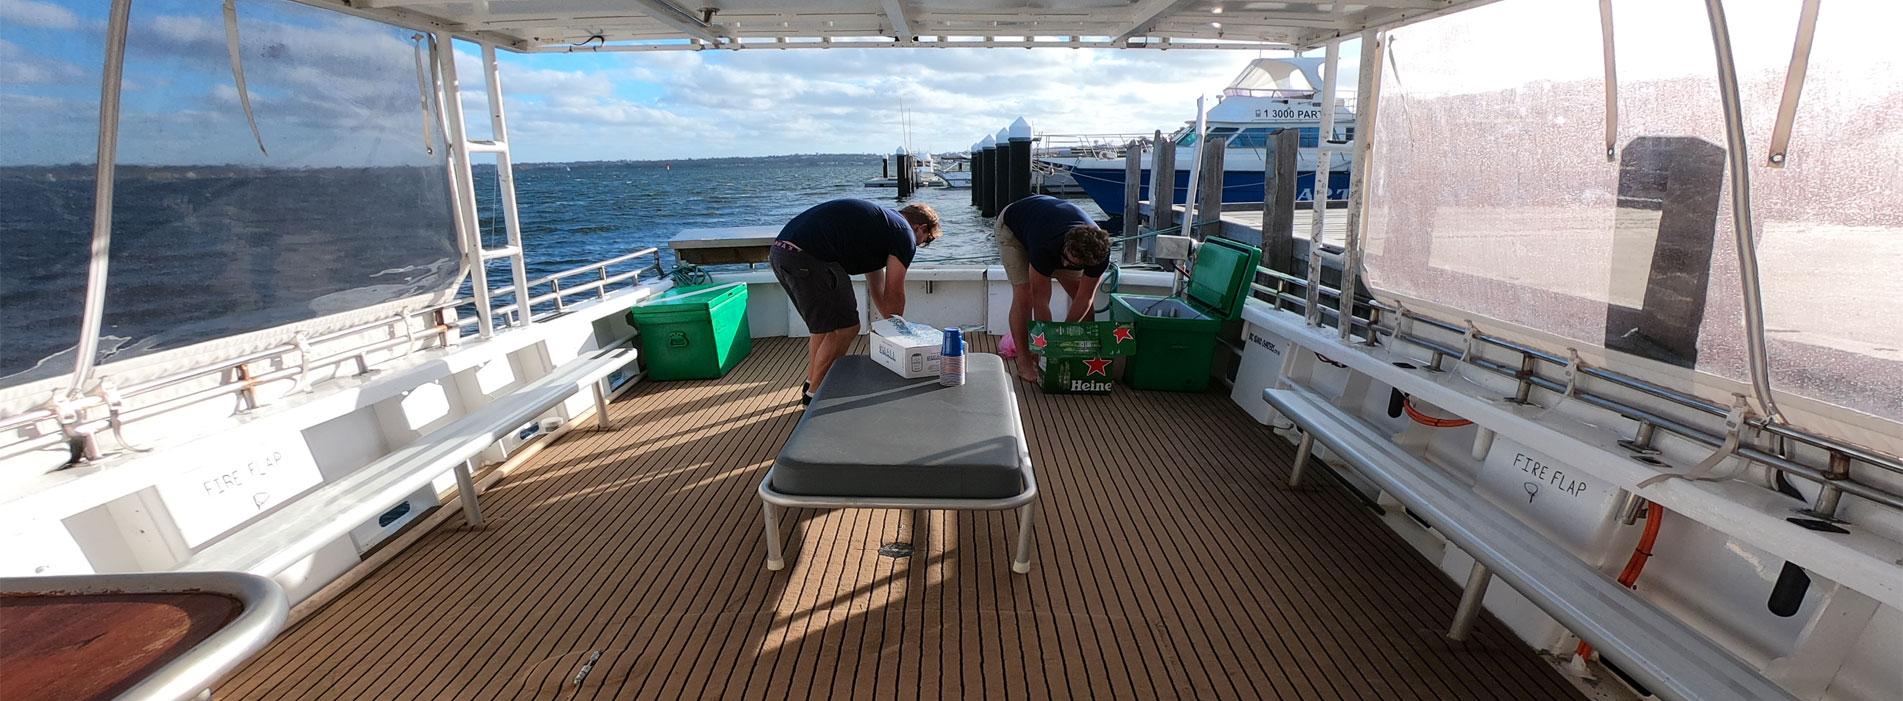 EQUADOR-boat-parties-perth-wa-bvack-deck-boys